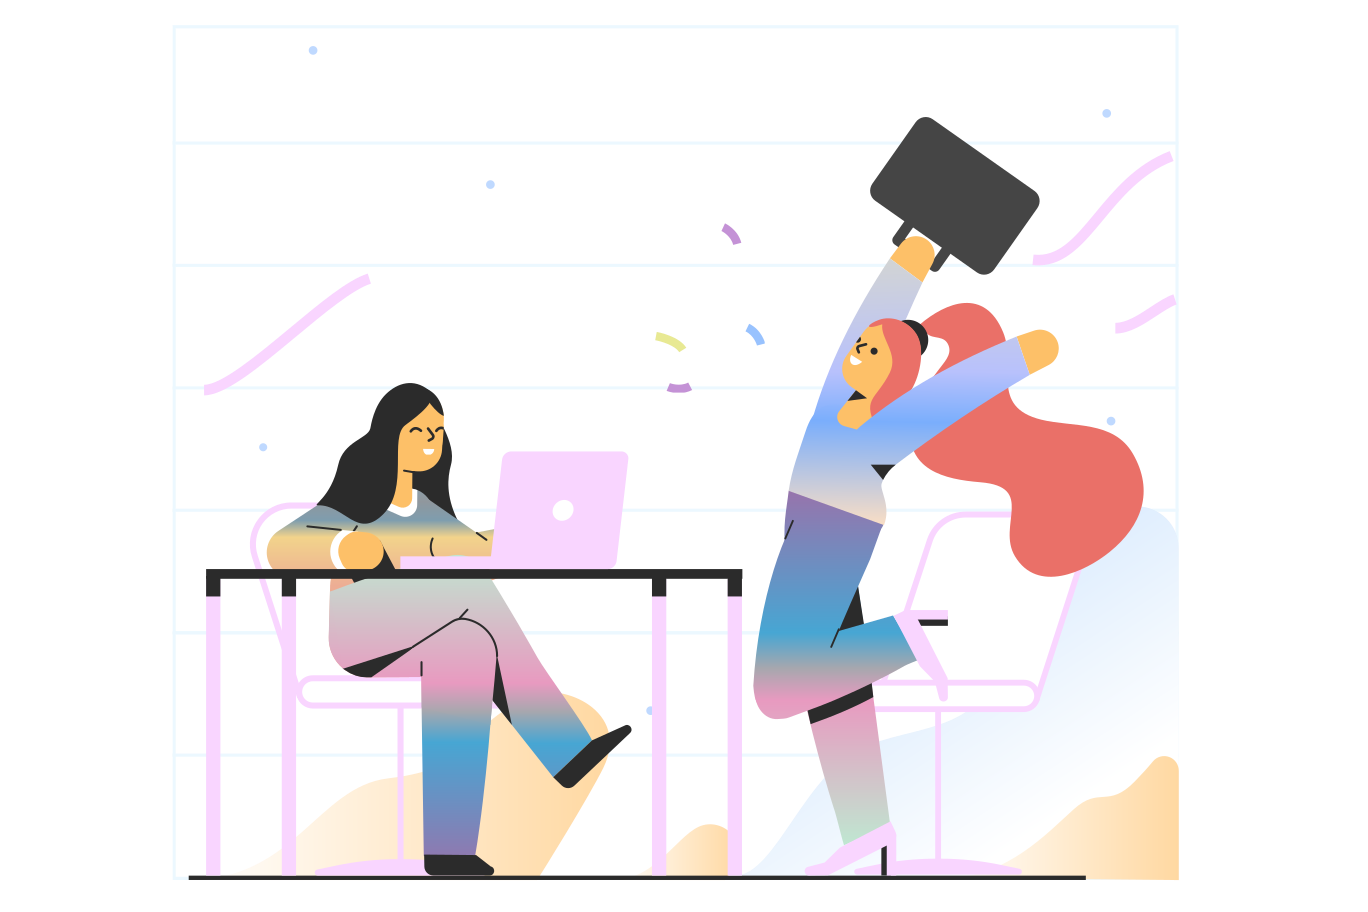 PNGとSVGの  スタイルの 成功した就職の面接 ベクターイメージ | Icons8 イラスト